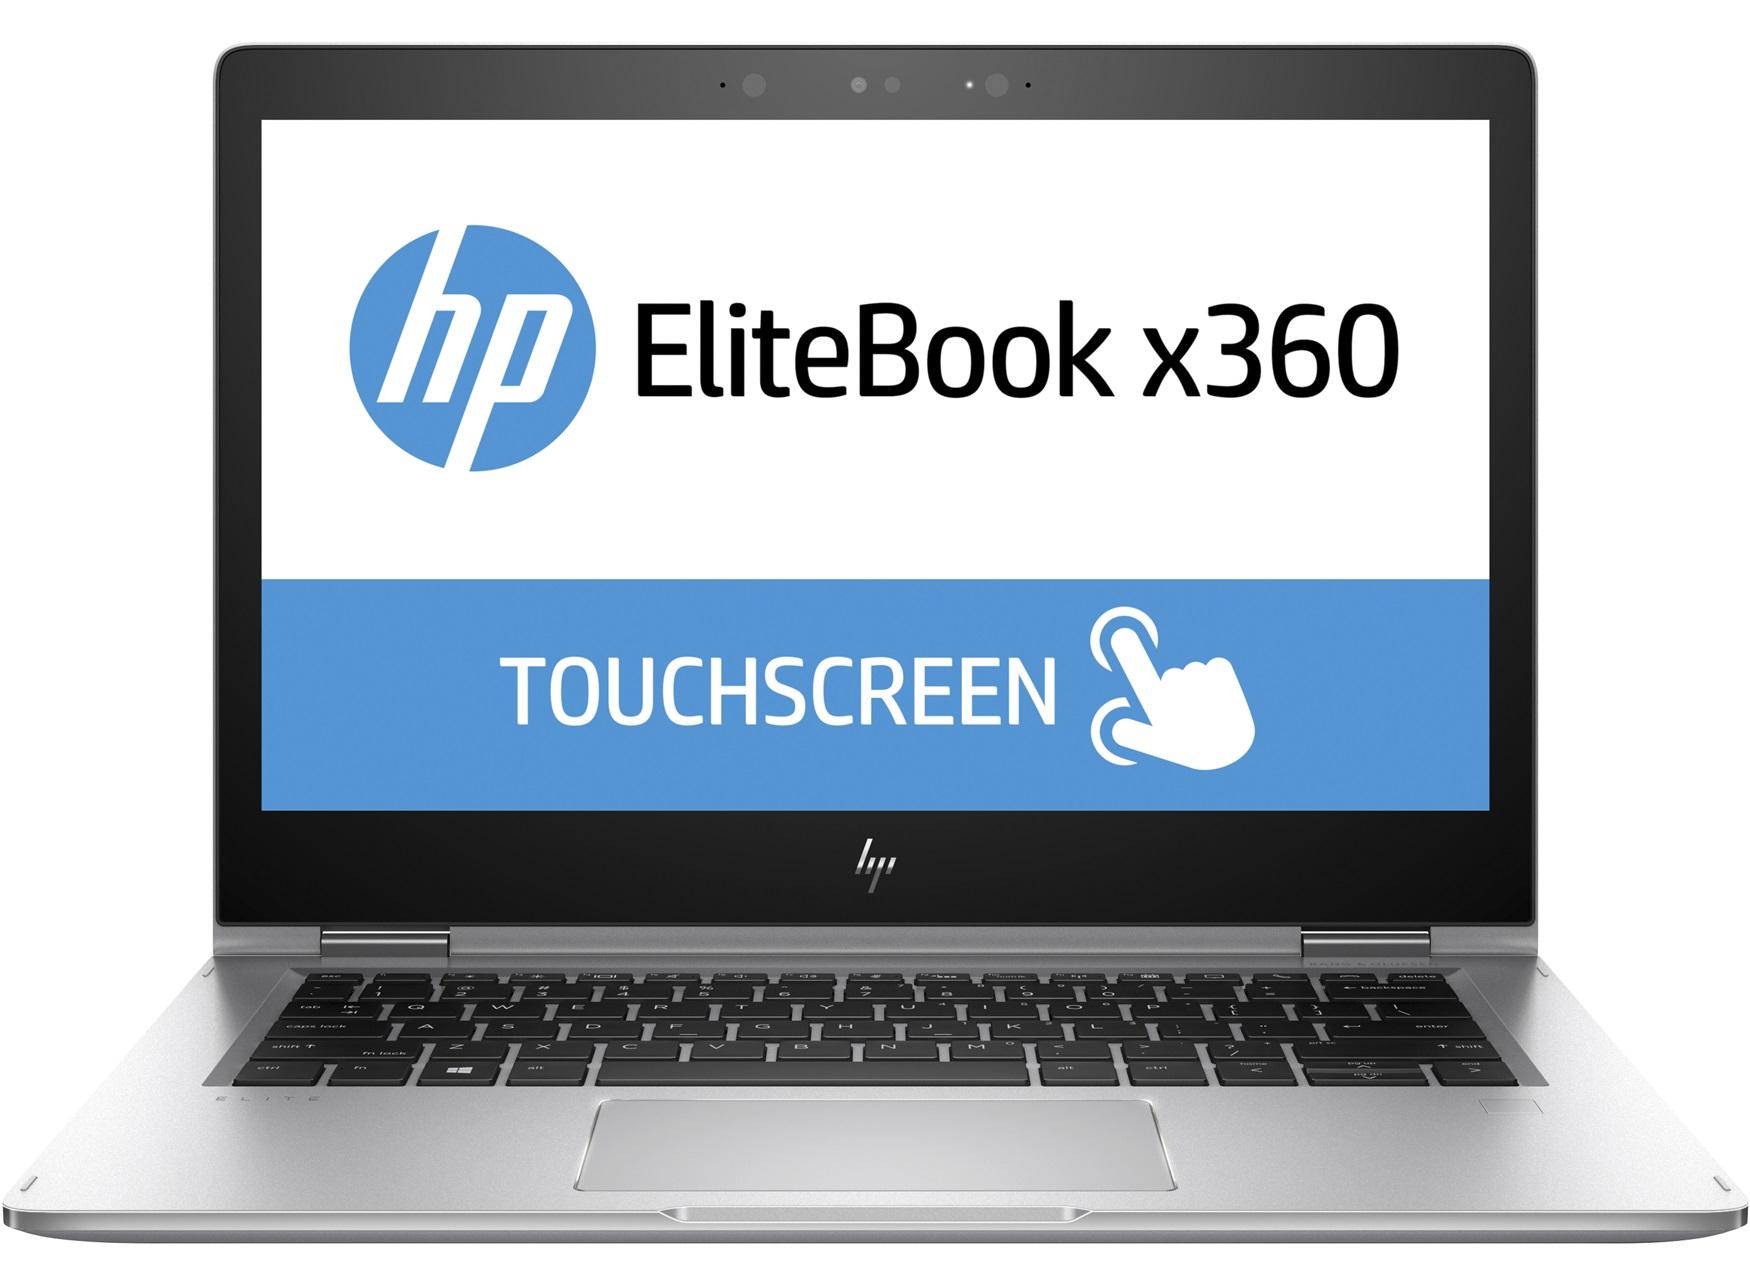 """HP EliteBook x360 1030 G2 (3 = 2 Z2W63EA) Zilver Hybride (2-in-1) 33,8 cm (13.3"""") 1920 x 1080 Pixels Touchscreen Zevende generatie Intel® Core™ i5 i5-7200U 8 GB DDR4-SDRAM 256 GB SSD Windows 10 Pro"""